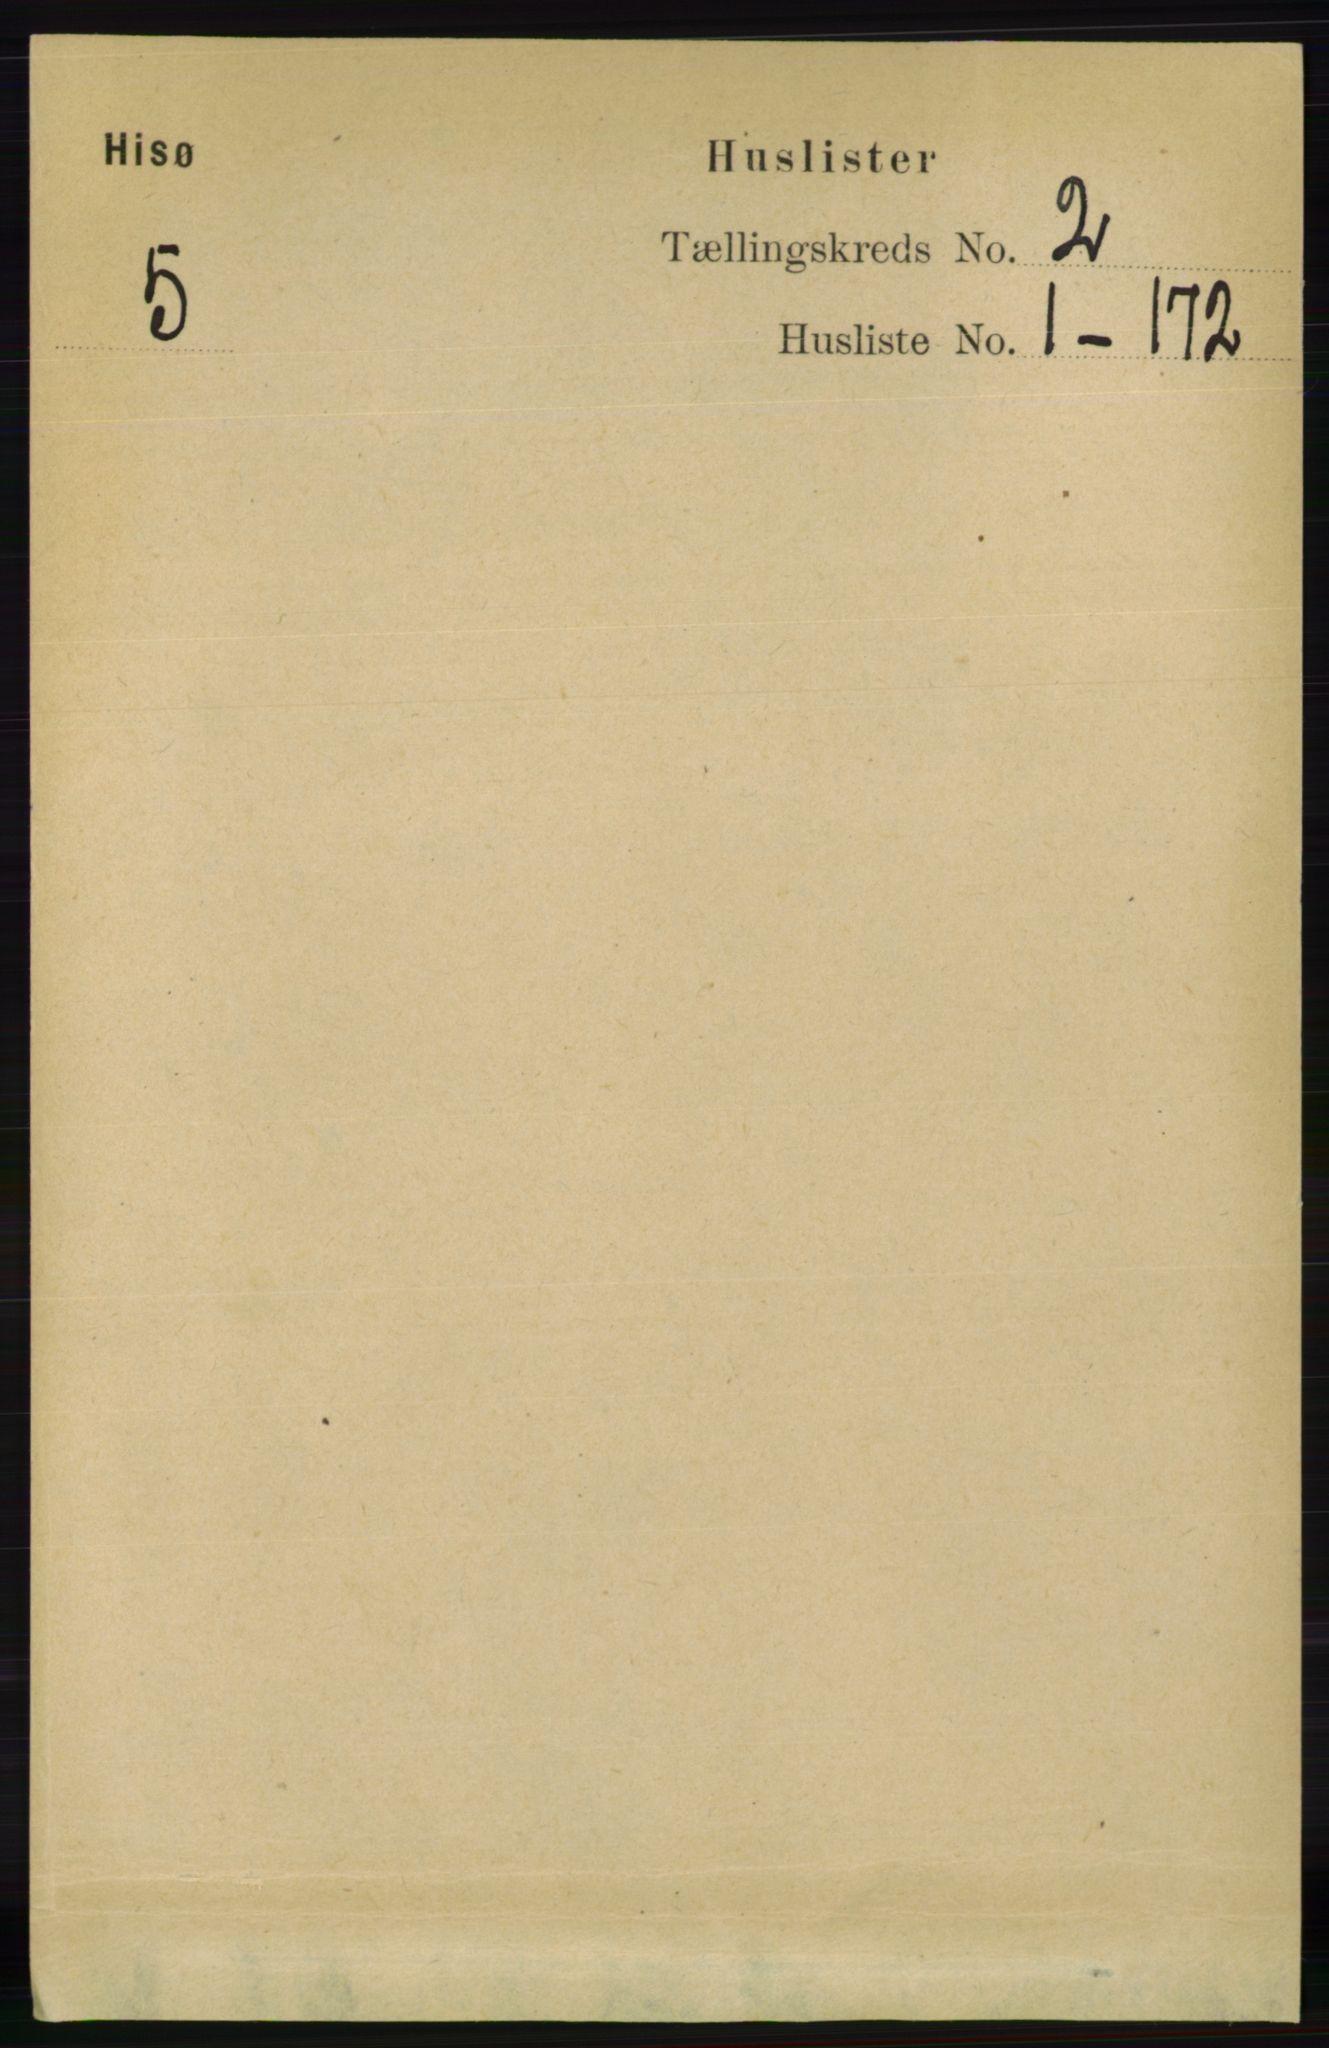 RA, Folketelling 1891 for 0922 Hisøy herred, 1891, s. 717